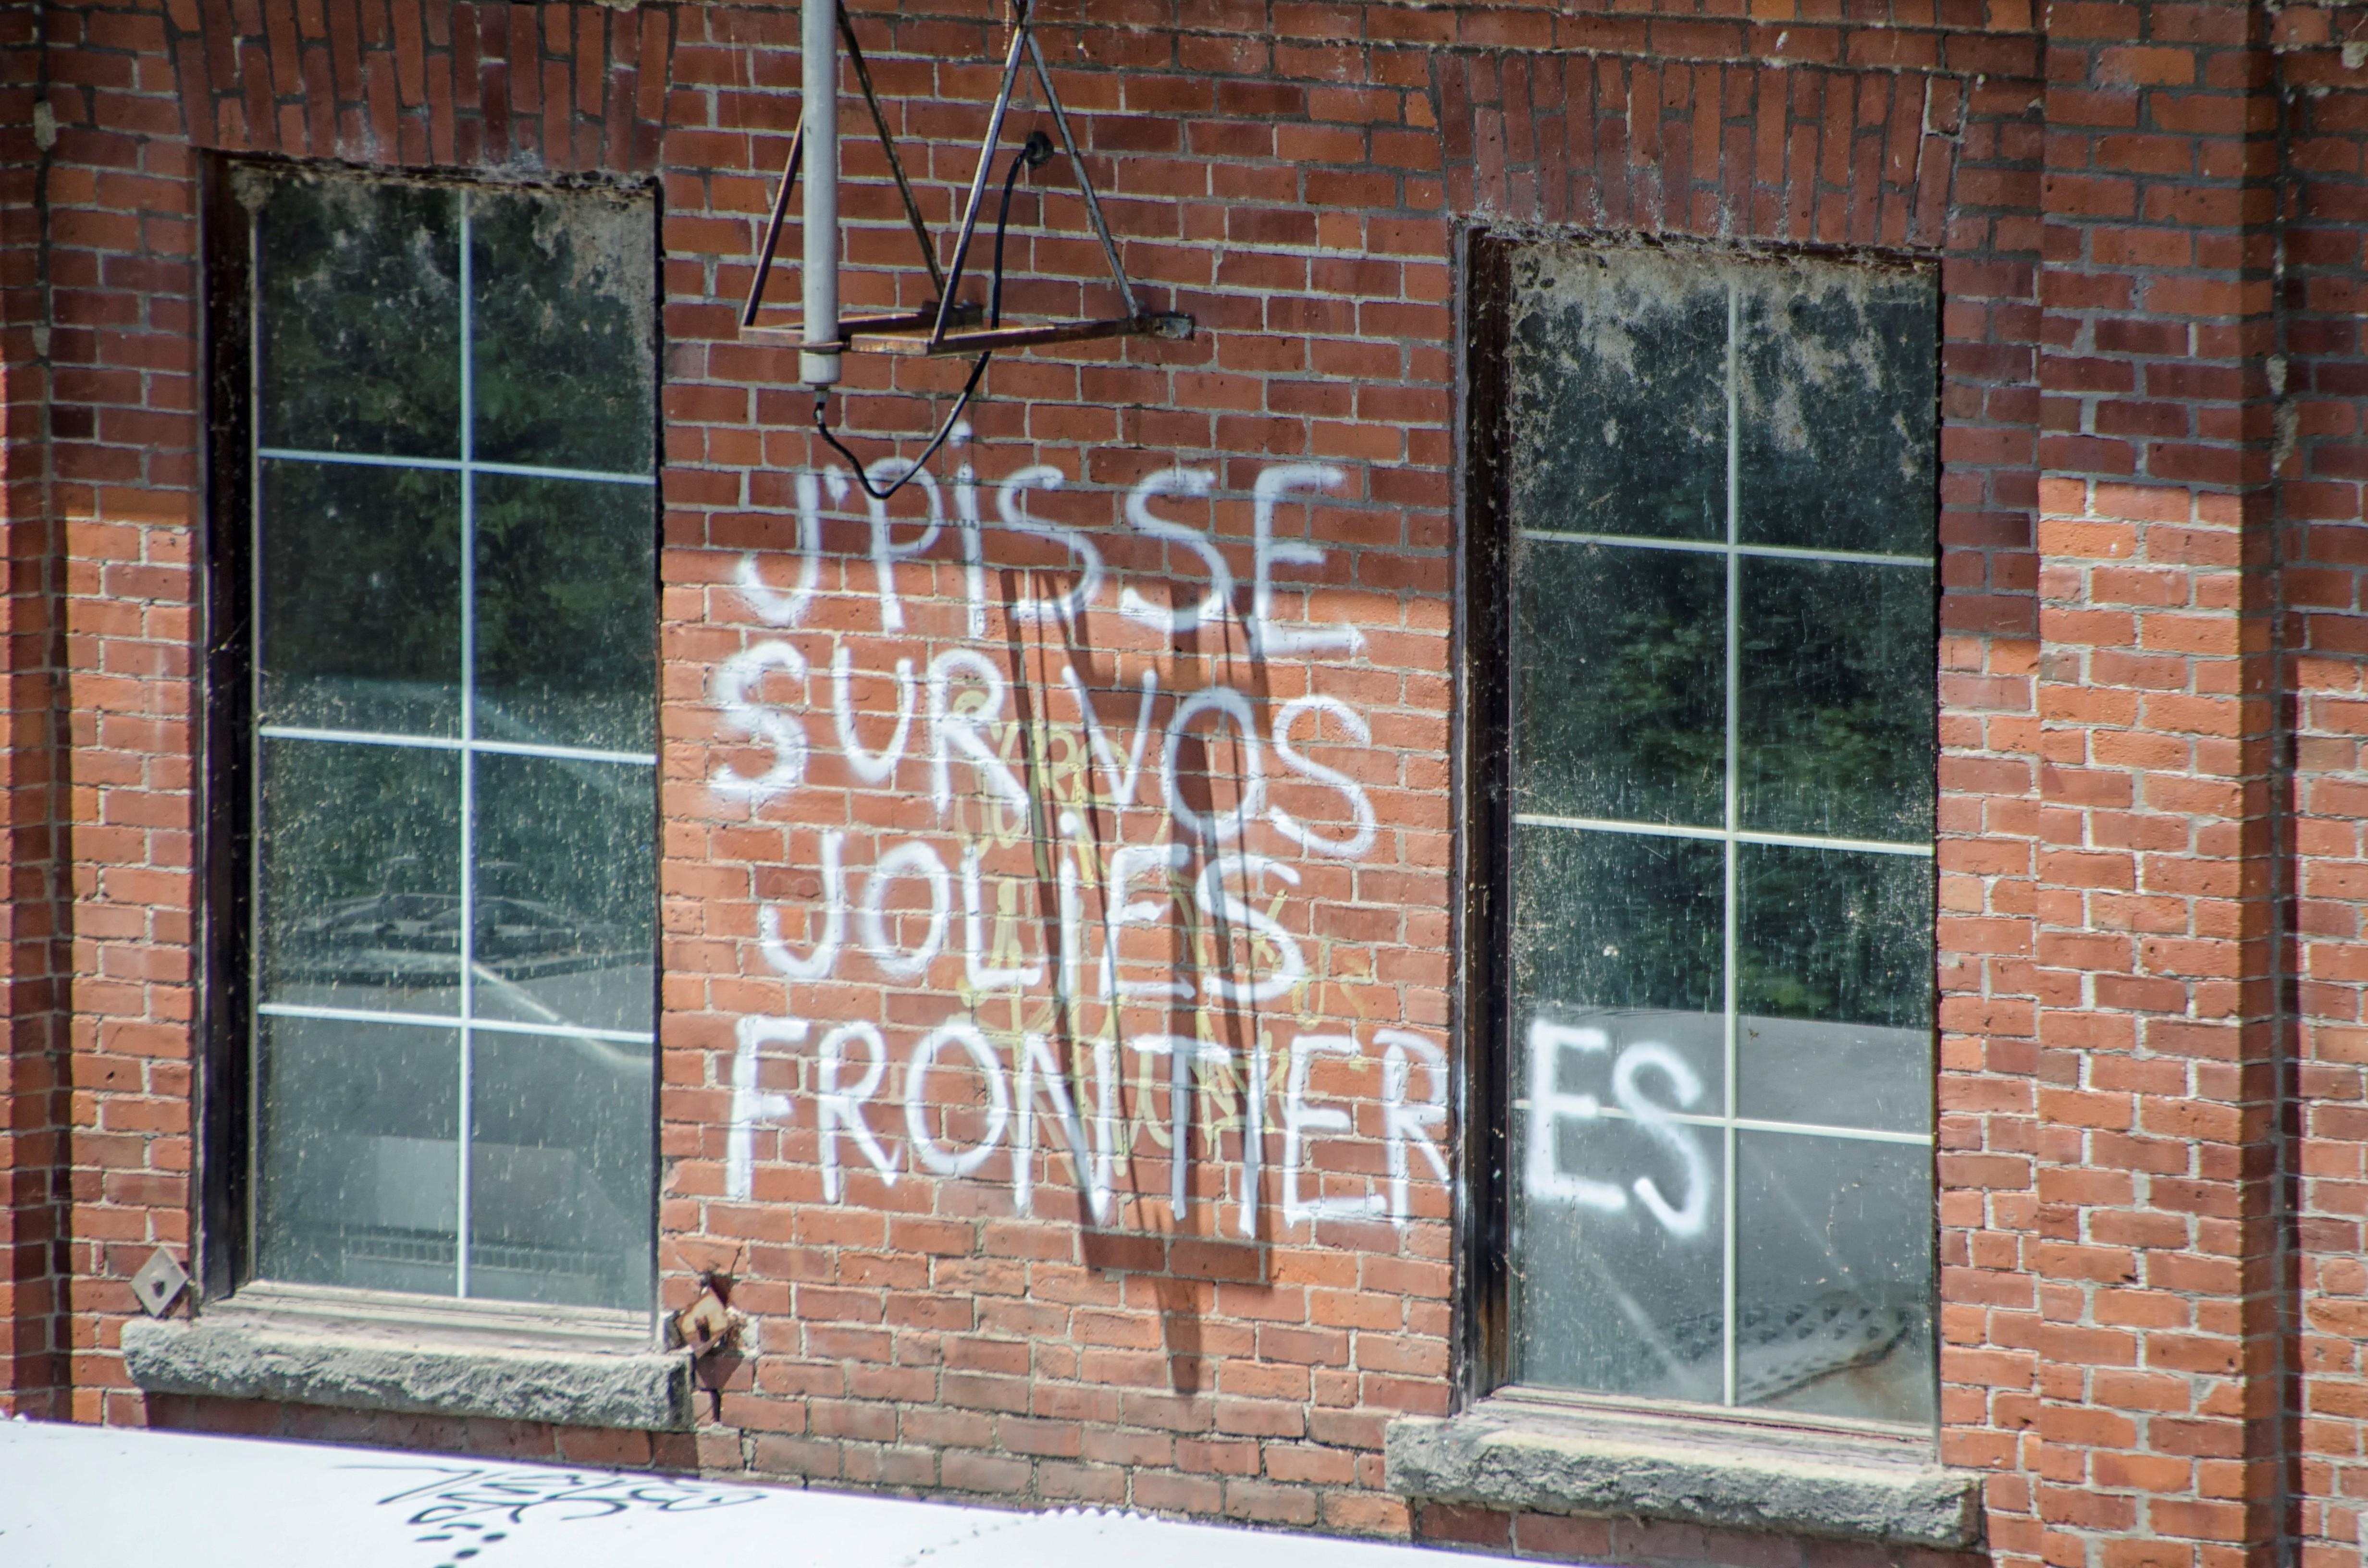 Bois fenêtre verre maison mur façade brique graffiti porte matériel design dintérieur art canada